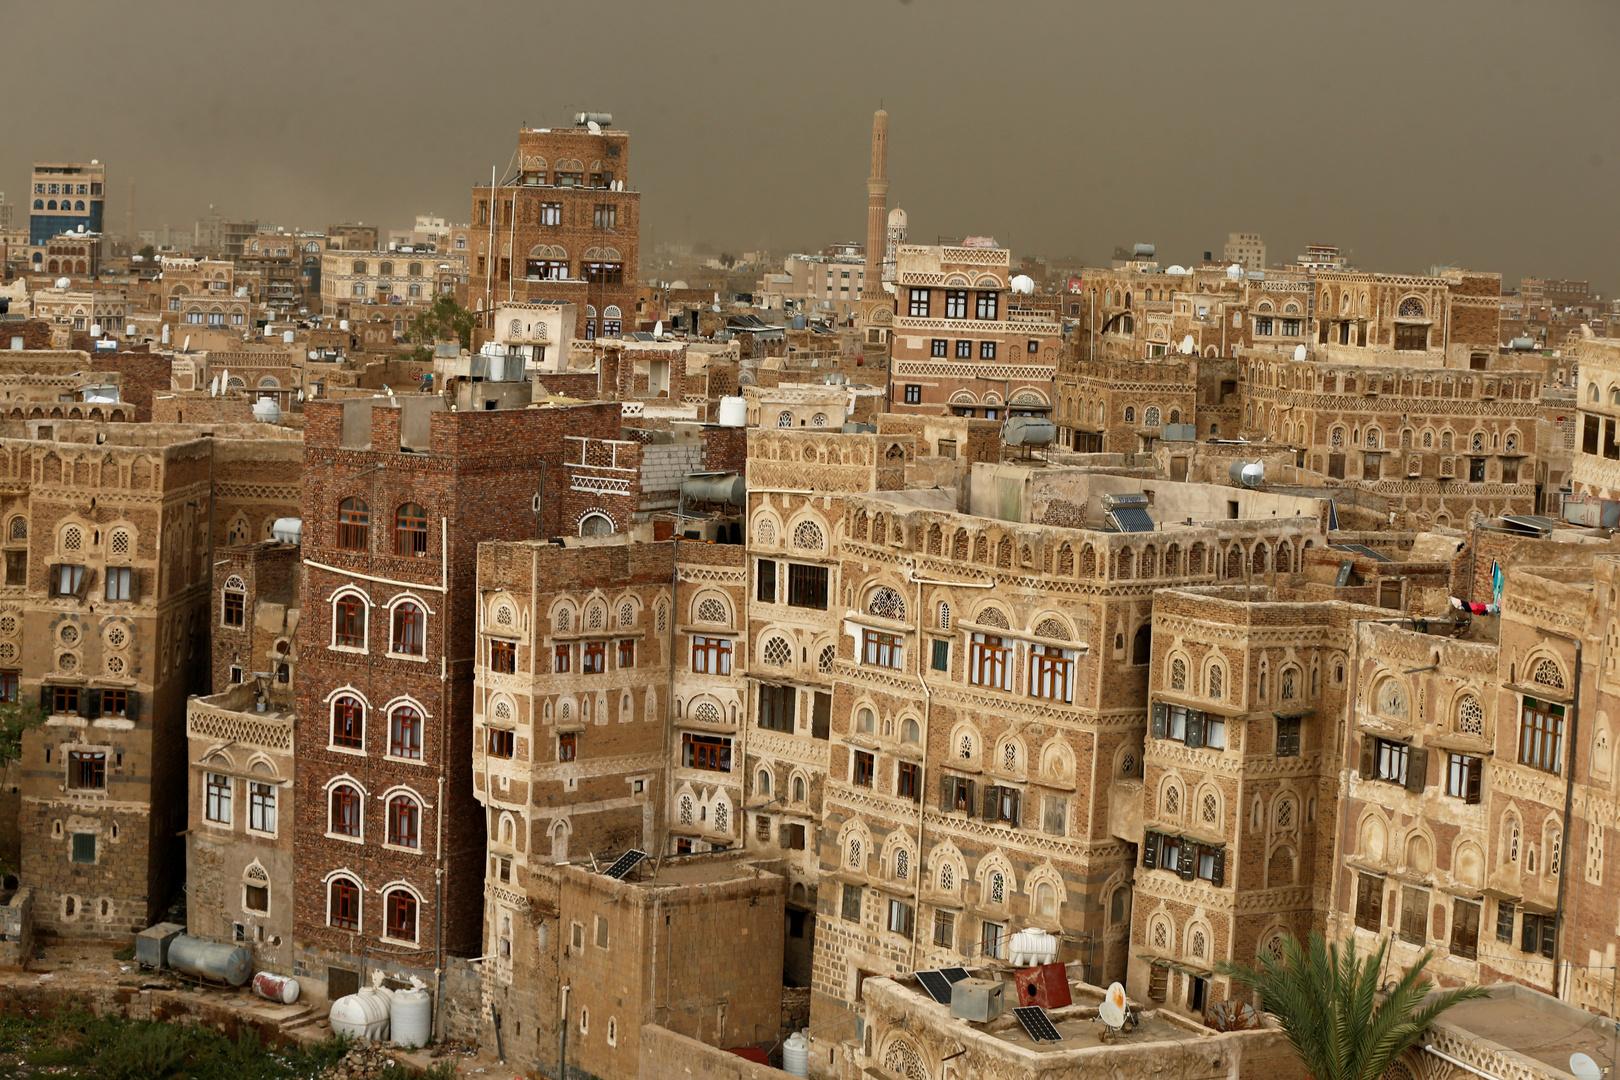 السلطات القضائية للحوثيين تأمر بإعدام